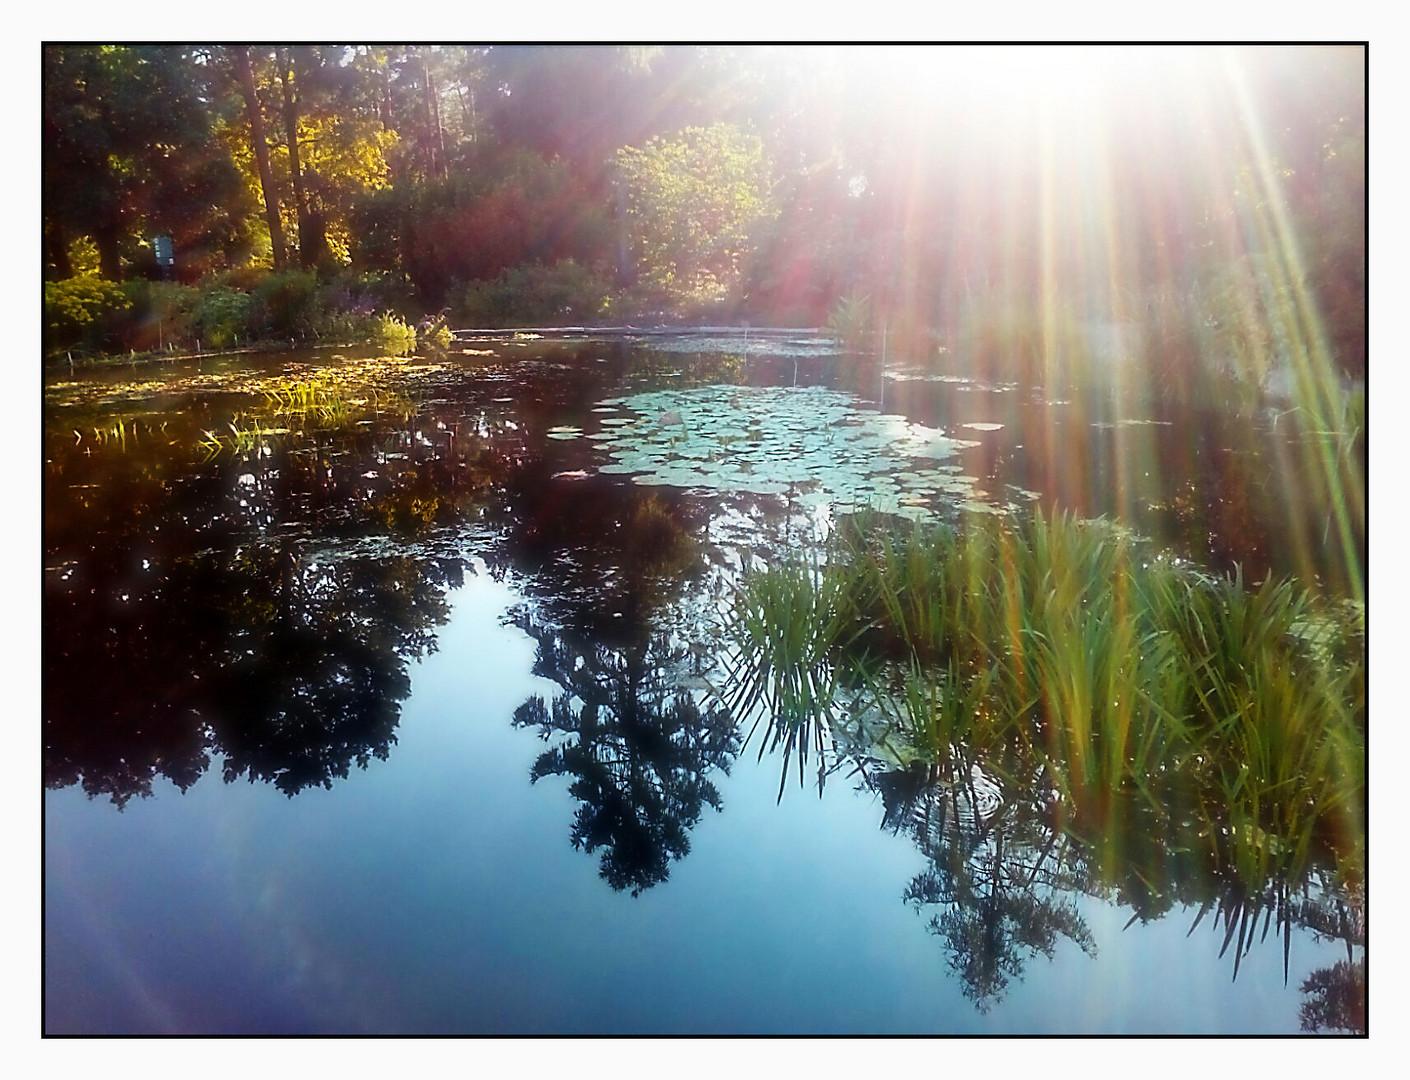 Spiegeltag- Spiegelung der herbstlichen Bäume